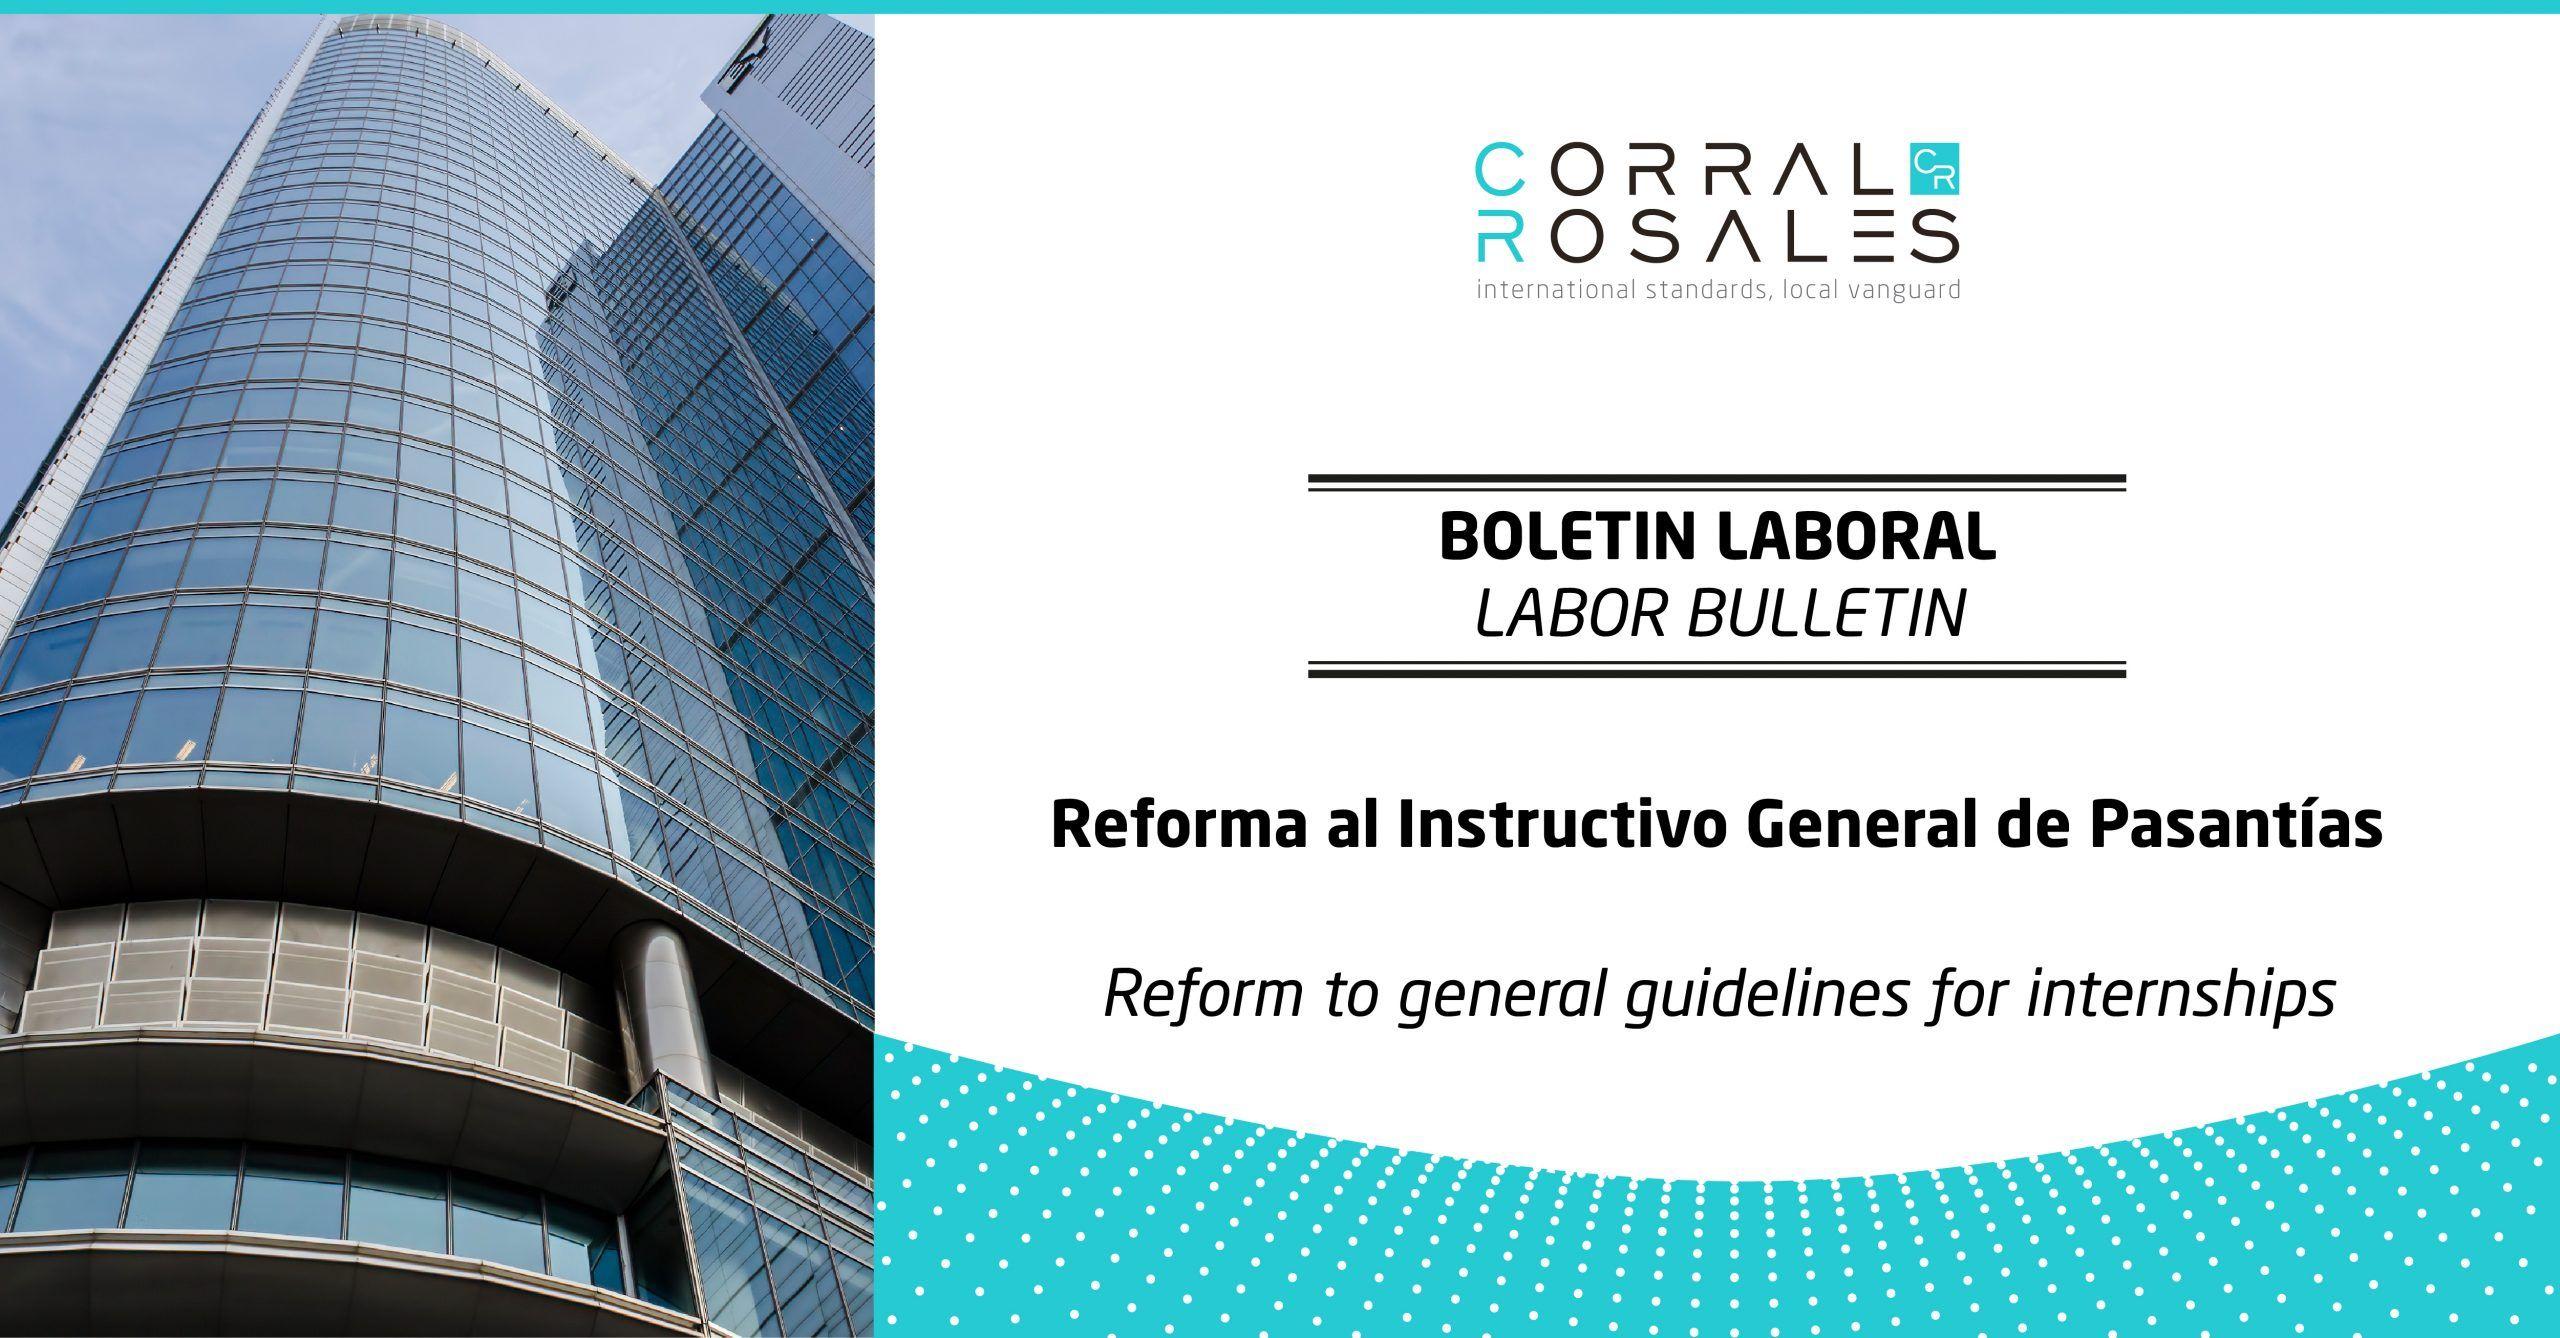 reforma-al-instructivo-general-de-pasantias-abogados-ecuador-corralrosales